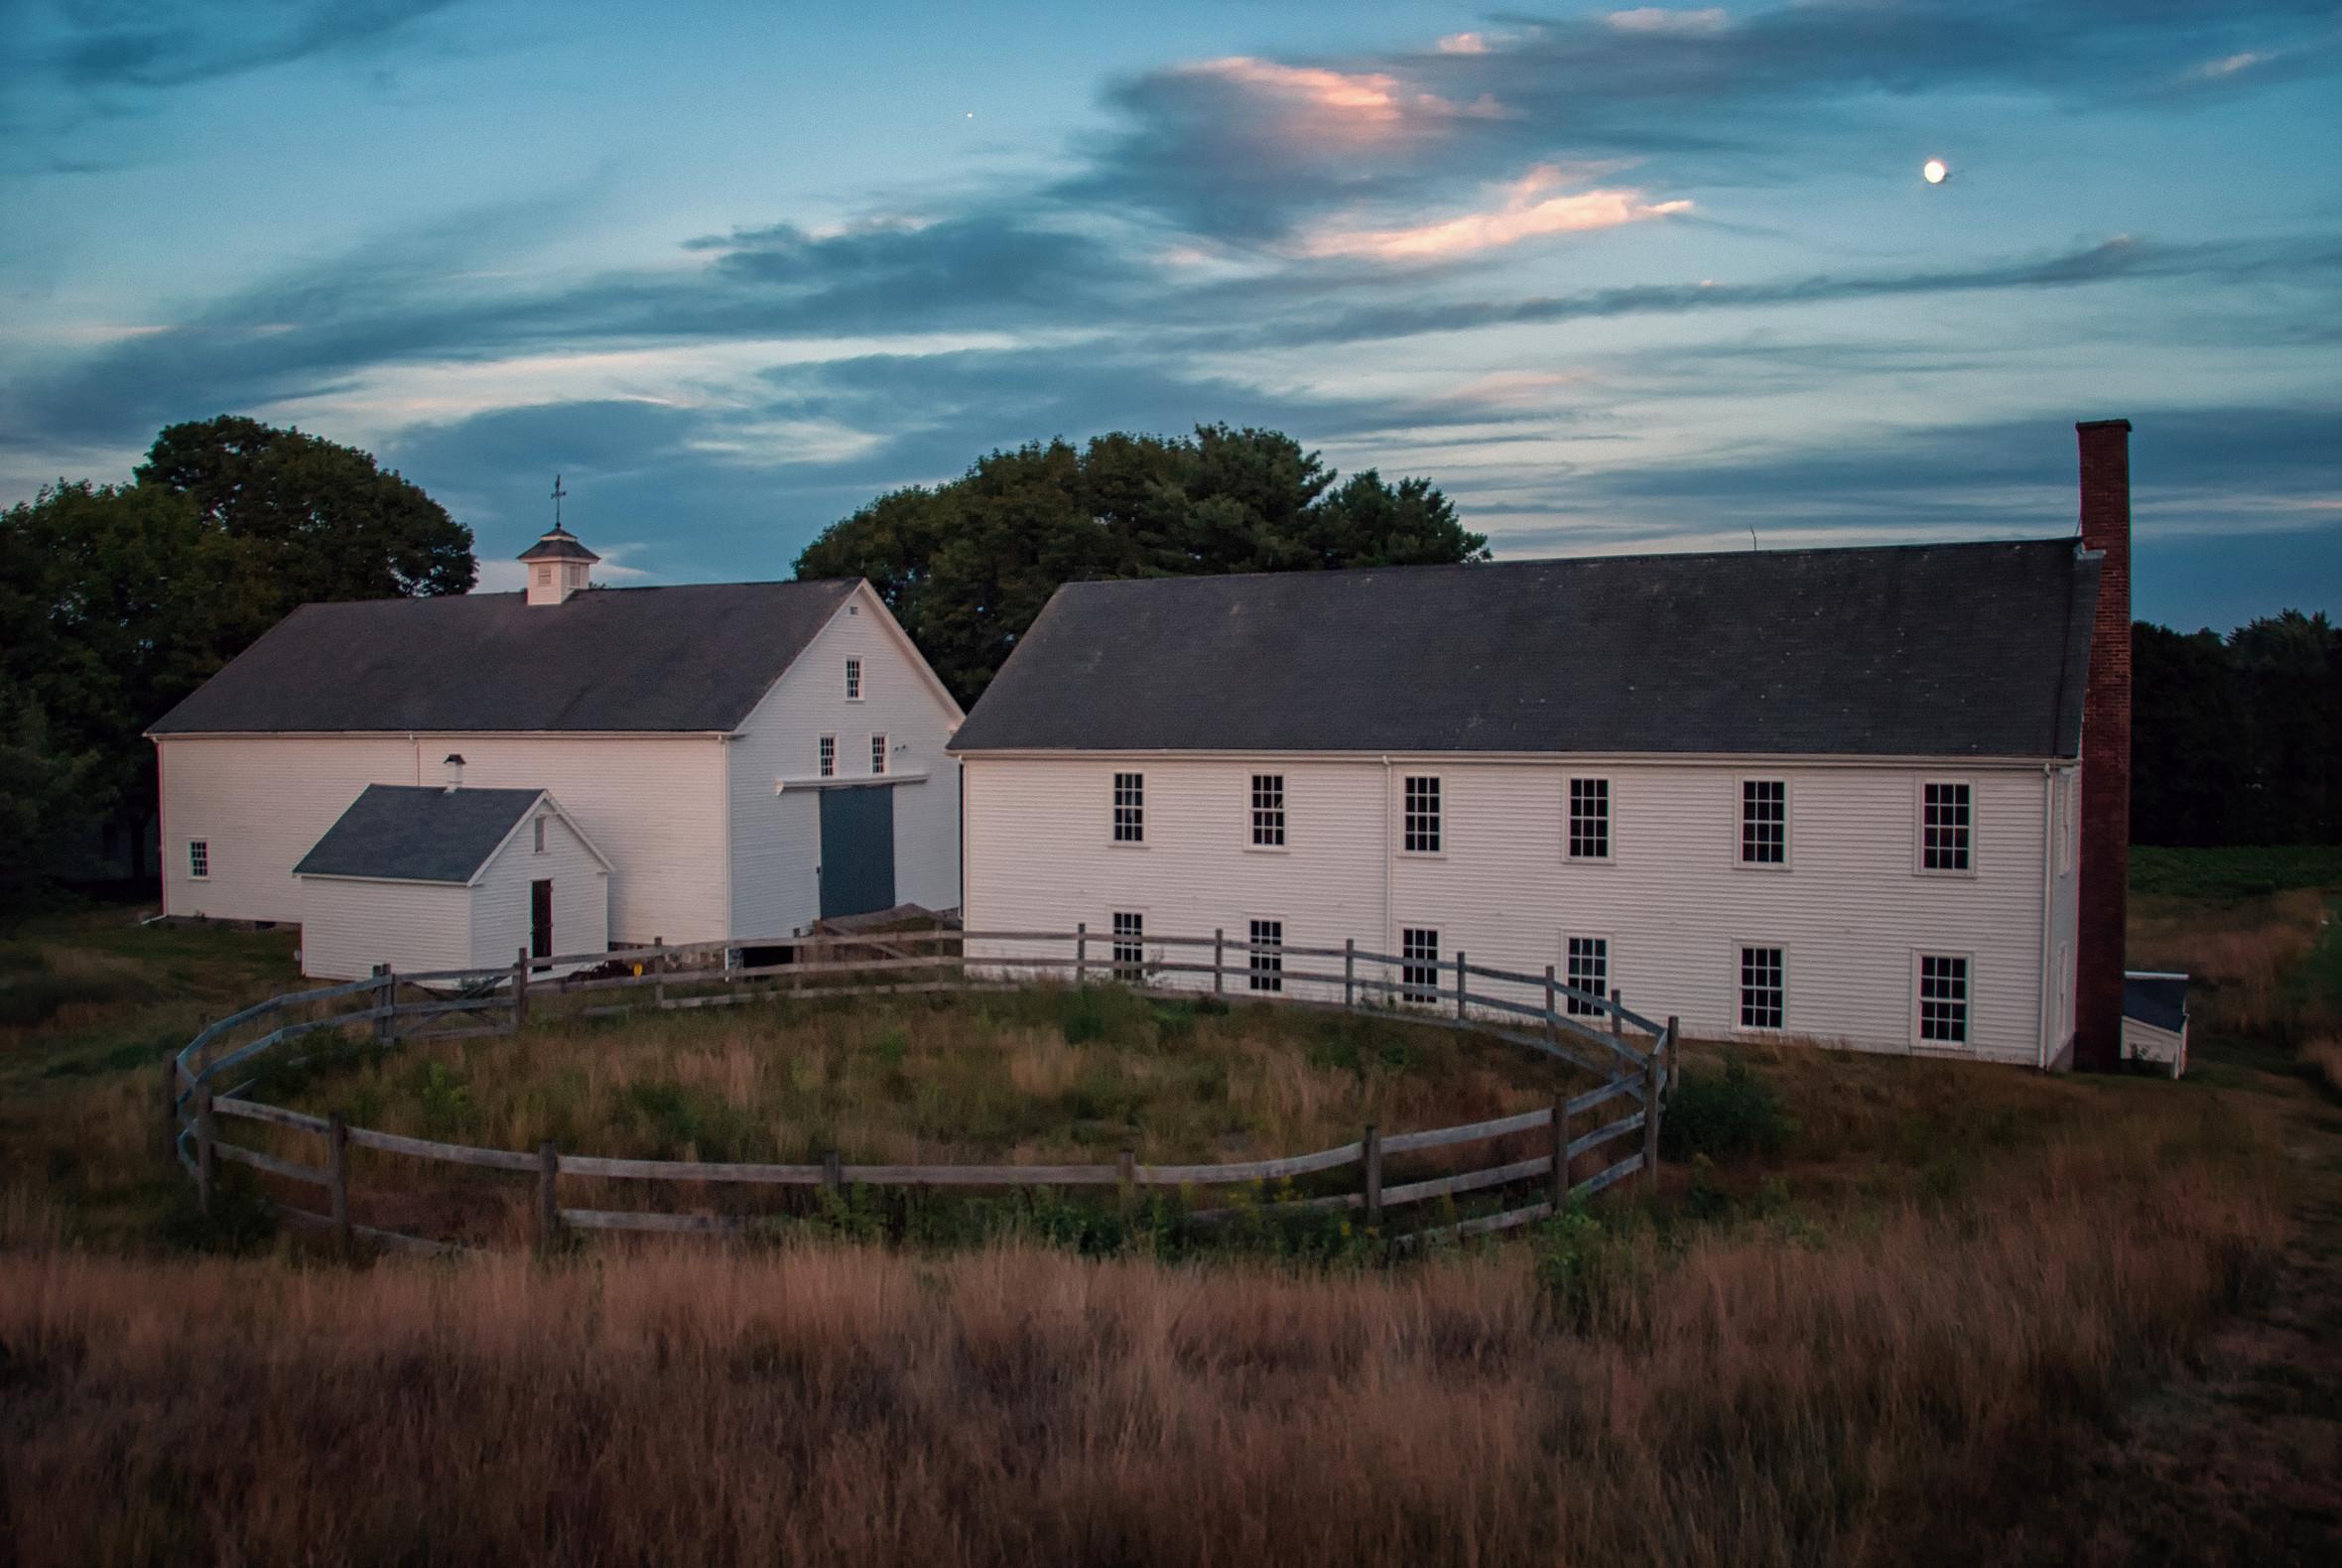 Wright-Locke Farm